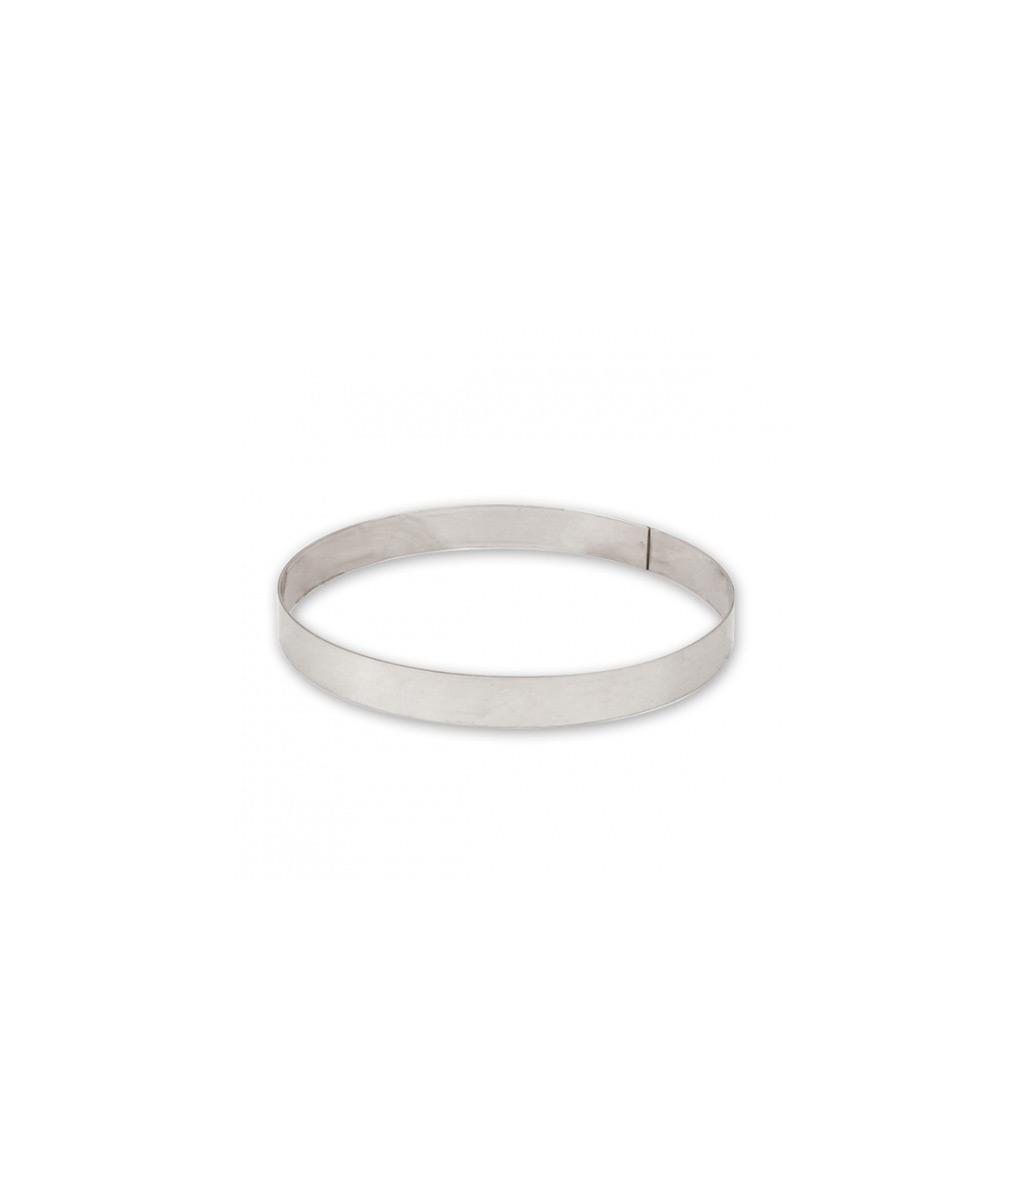 Tart Ring 14x2cm Food Stackers